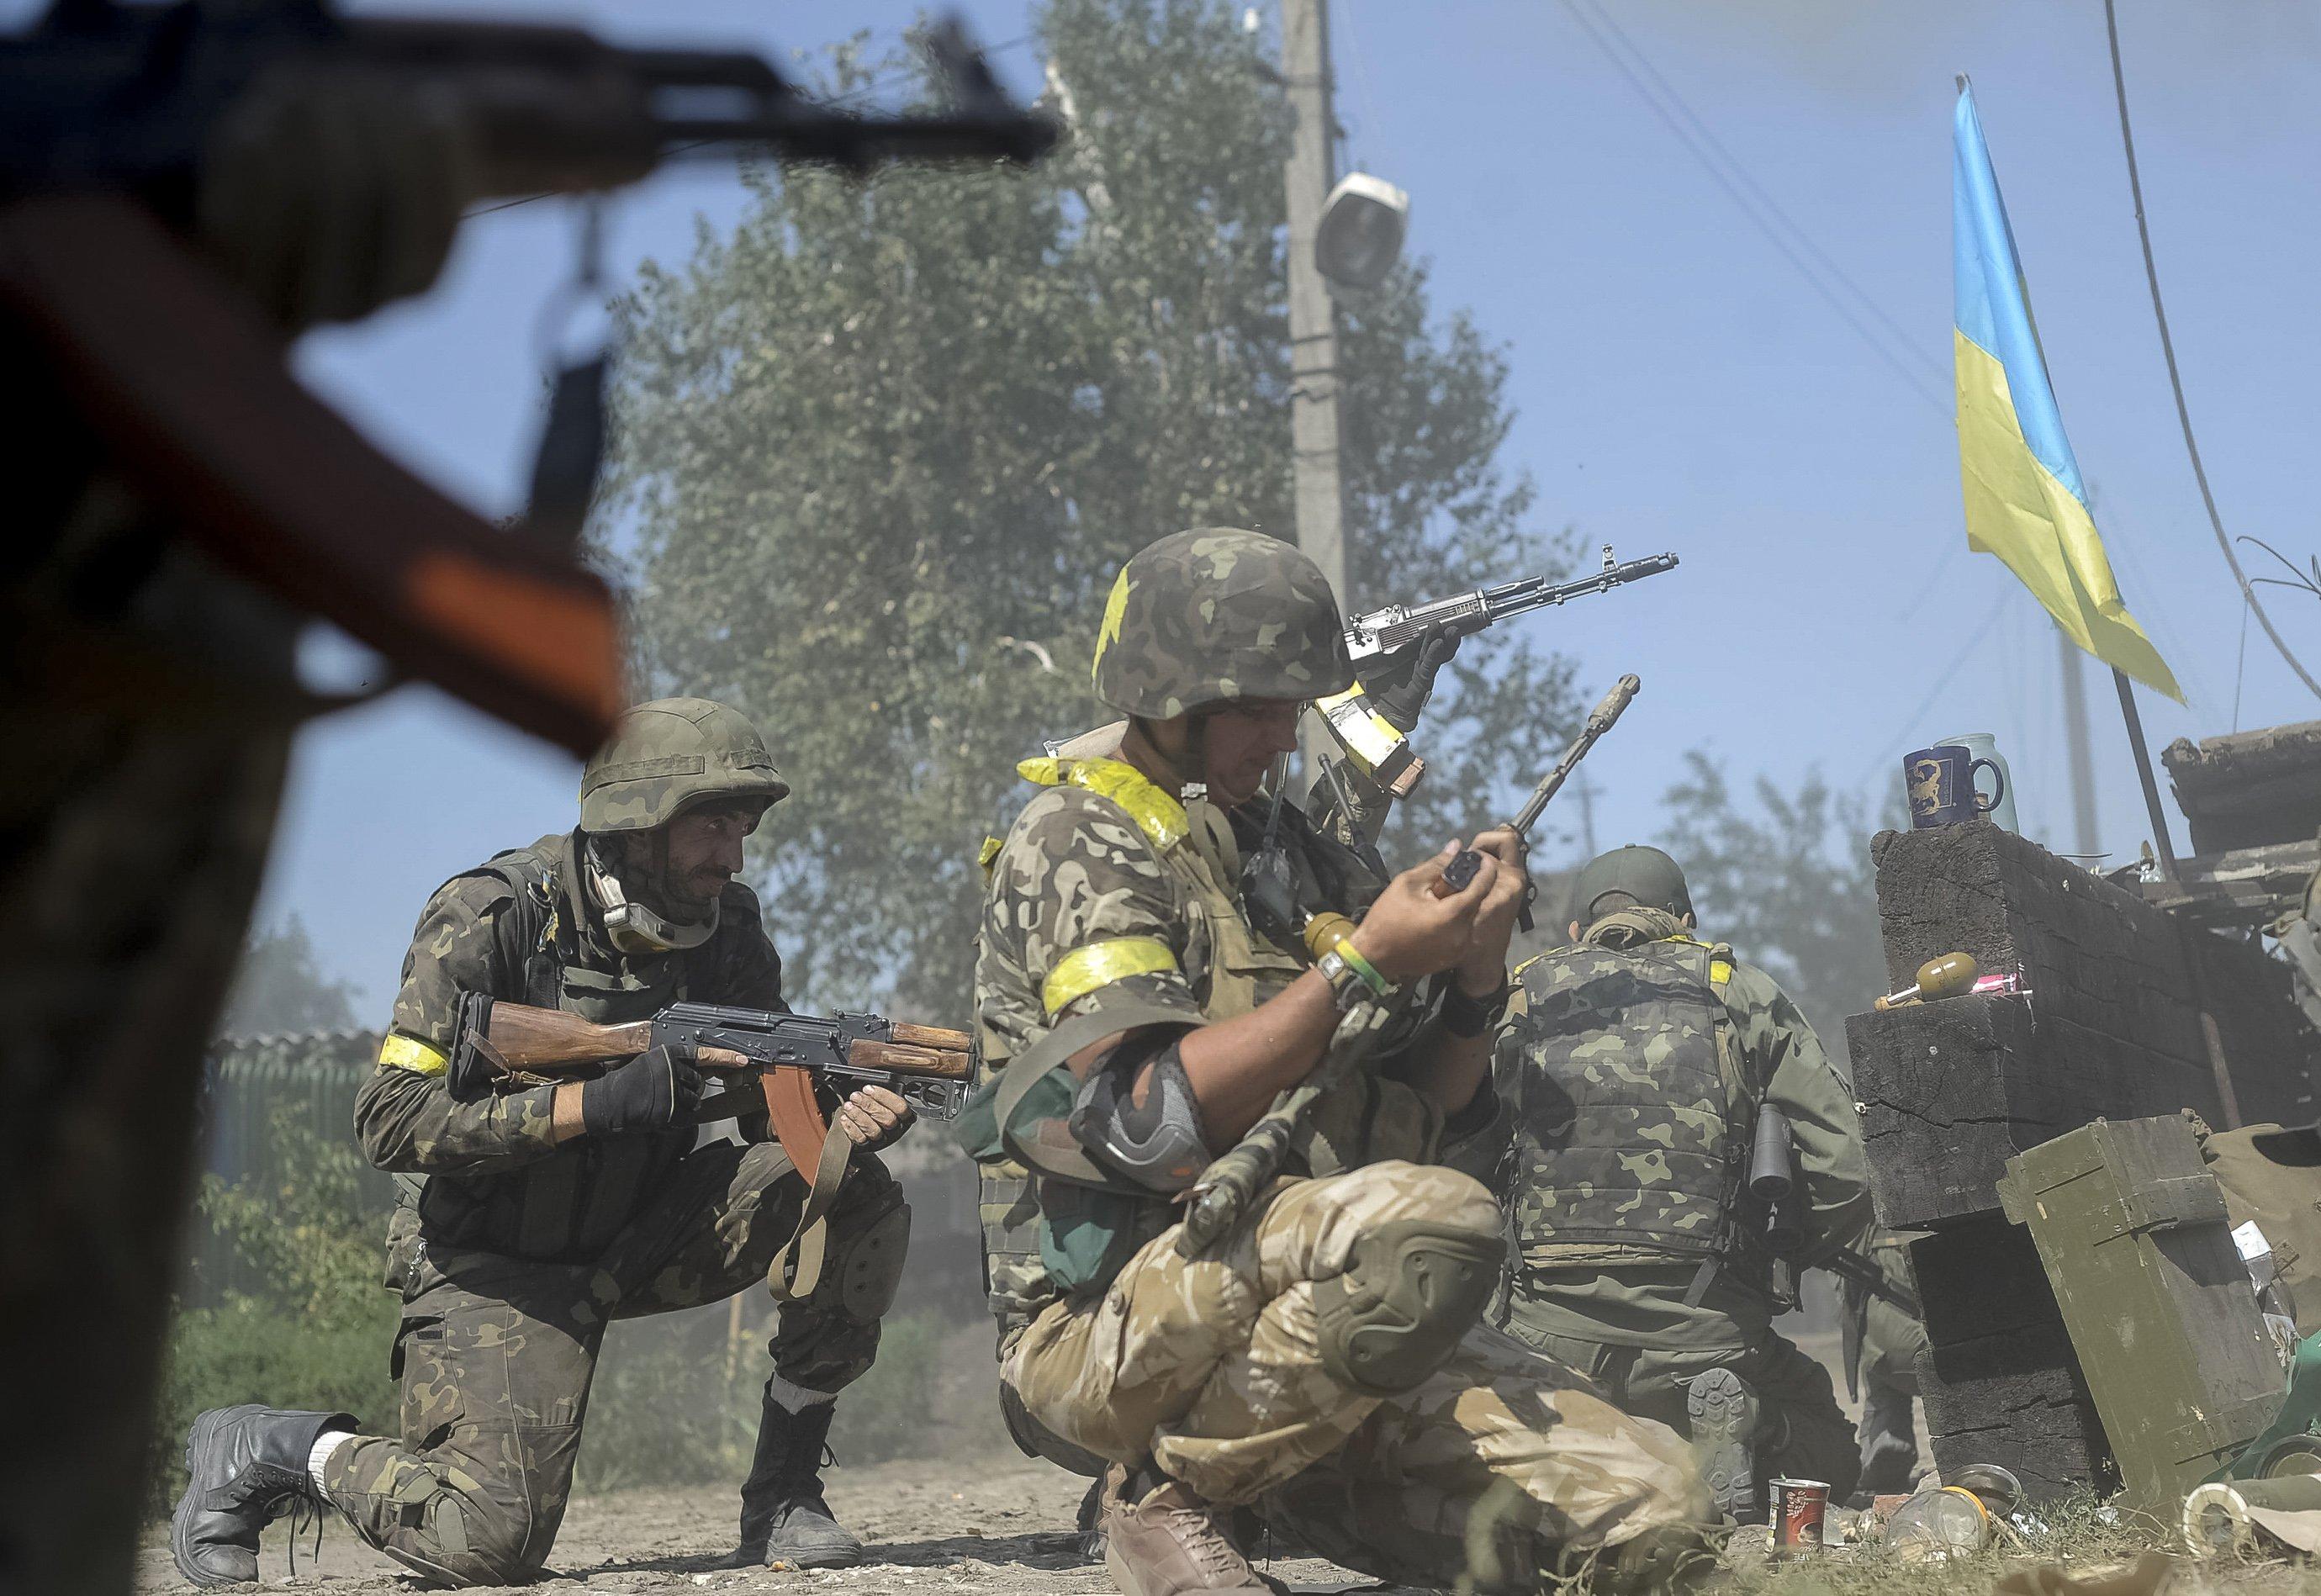 АТО: Враг бьет по украинским военным из тяжелой артиллерии и минометов